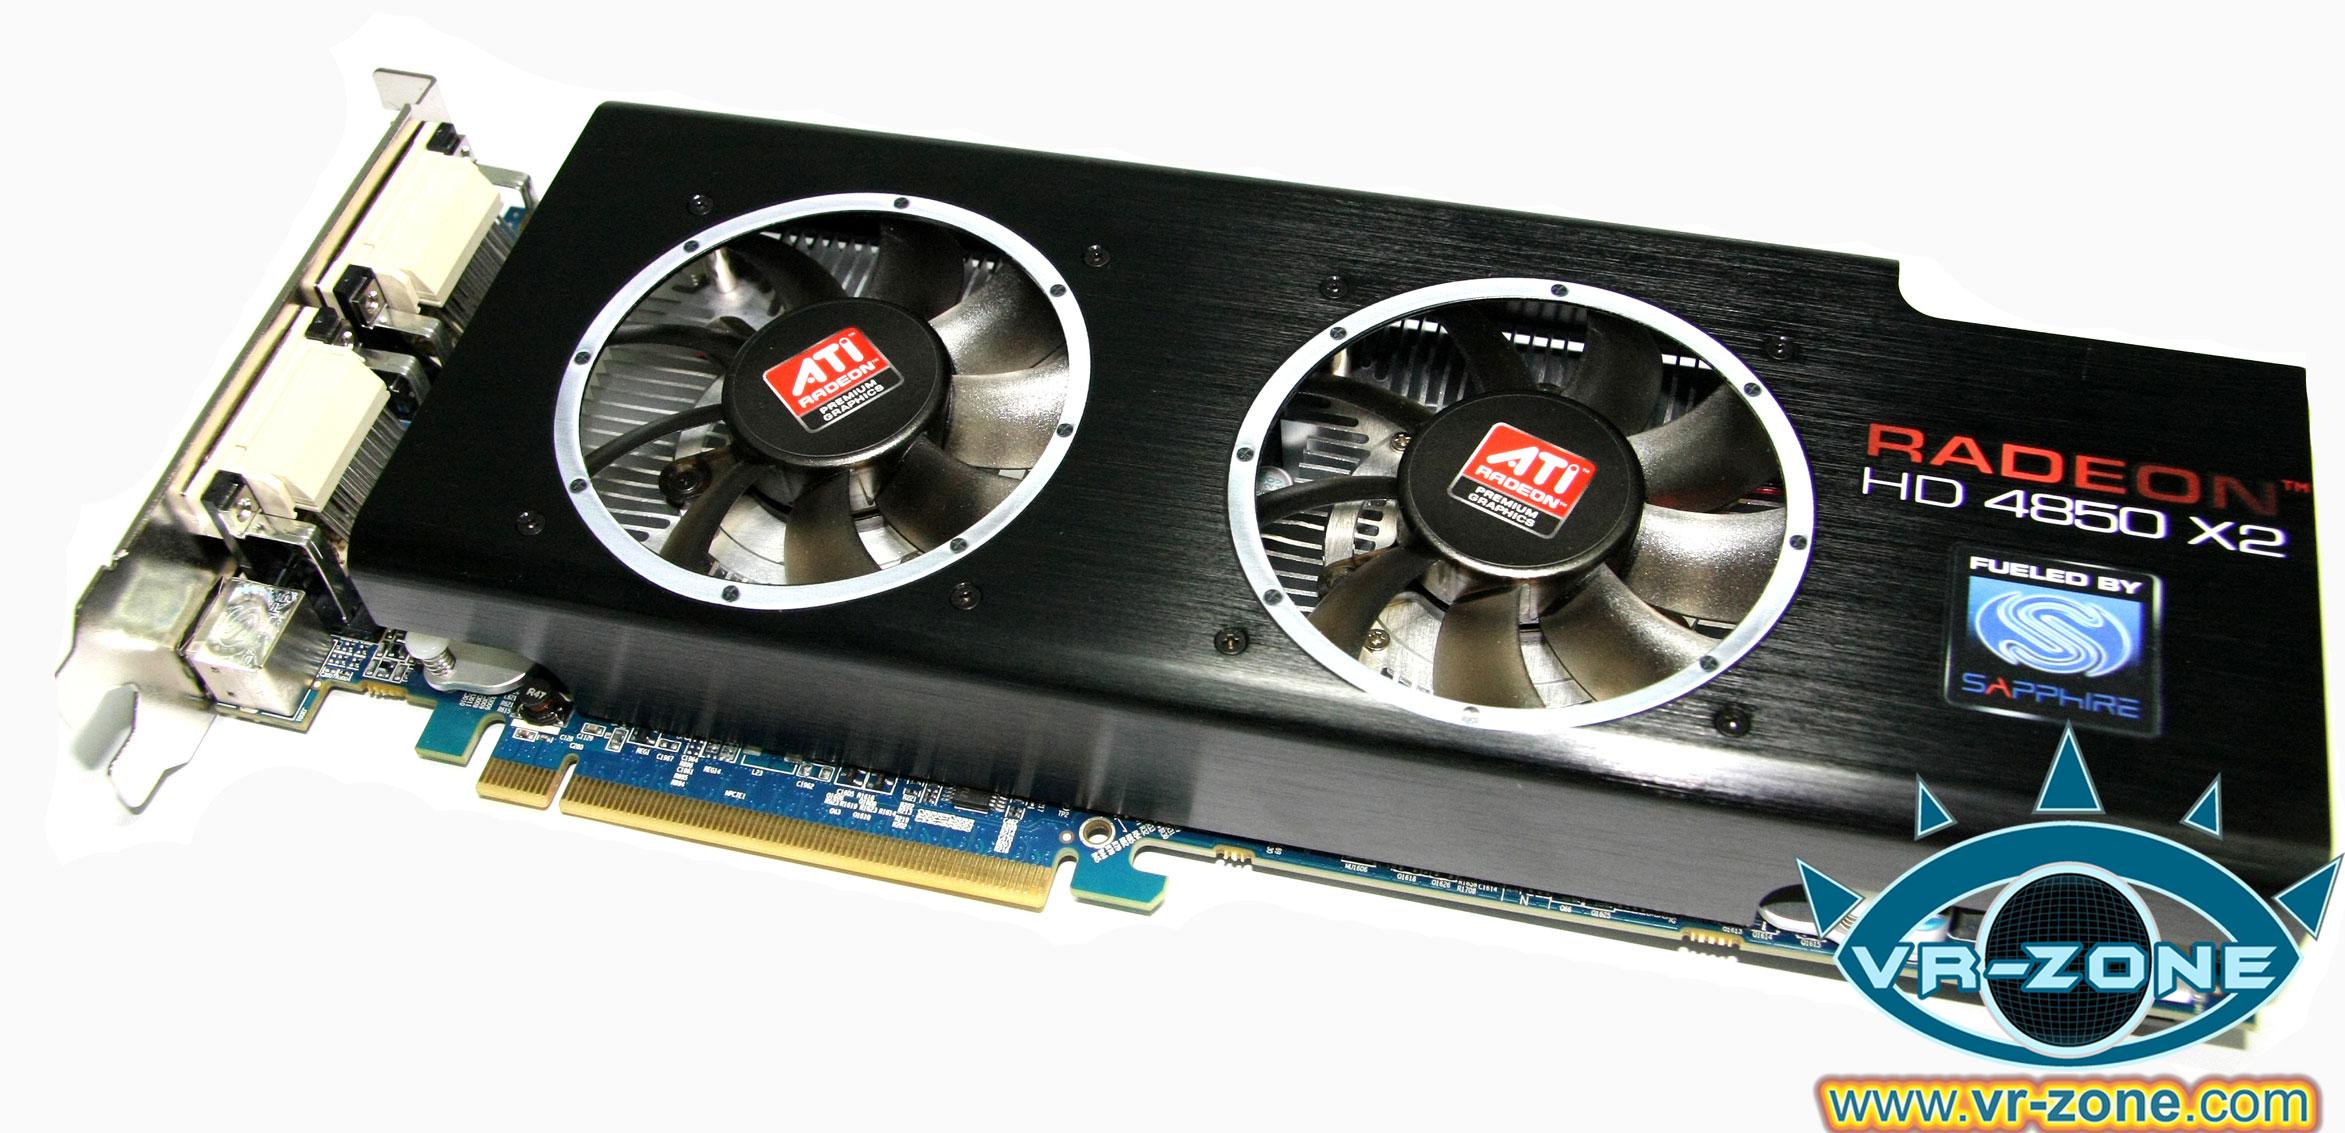 ATI Radeon HD 4850 X2 Catalyst Mac